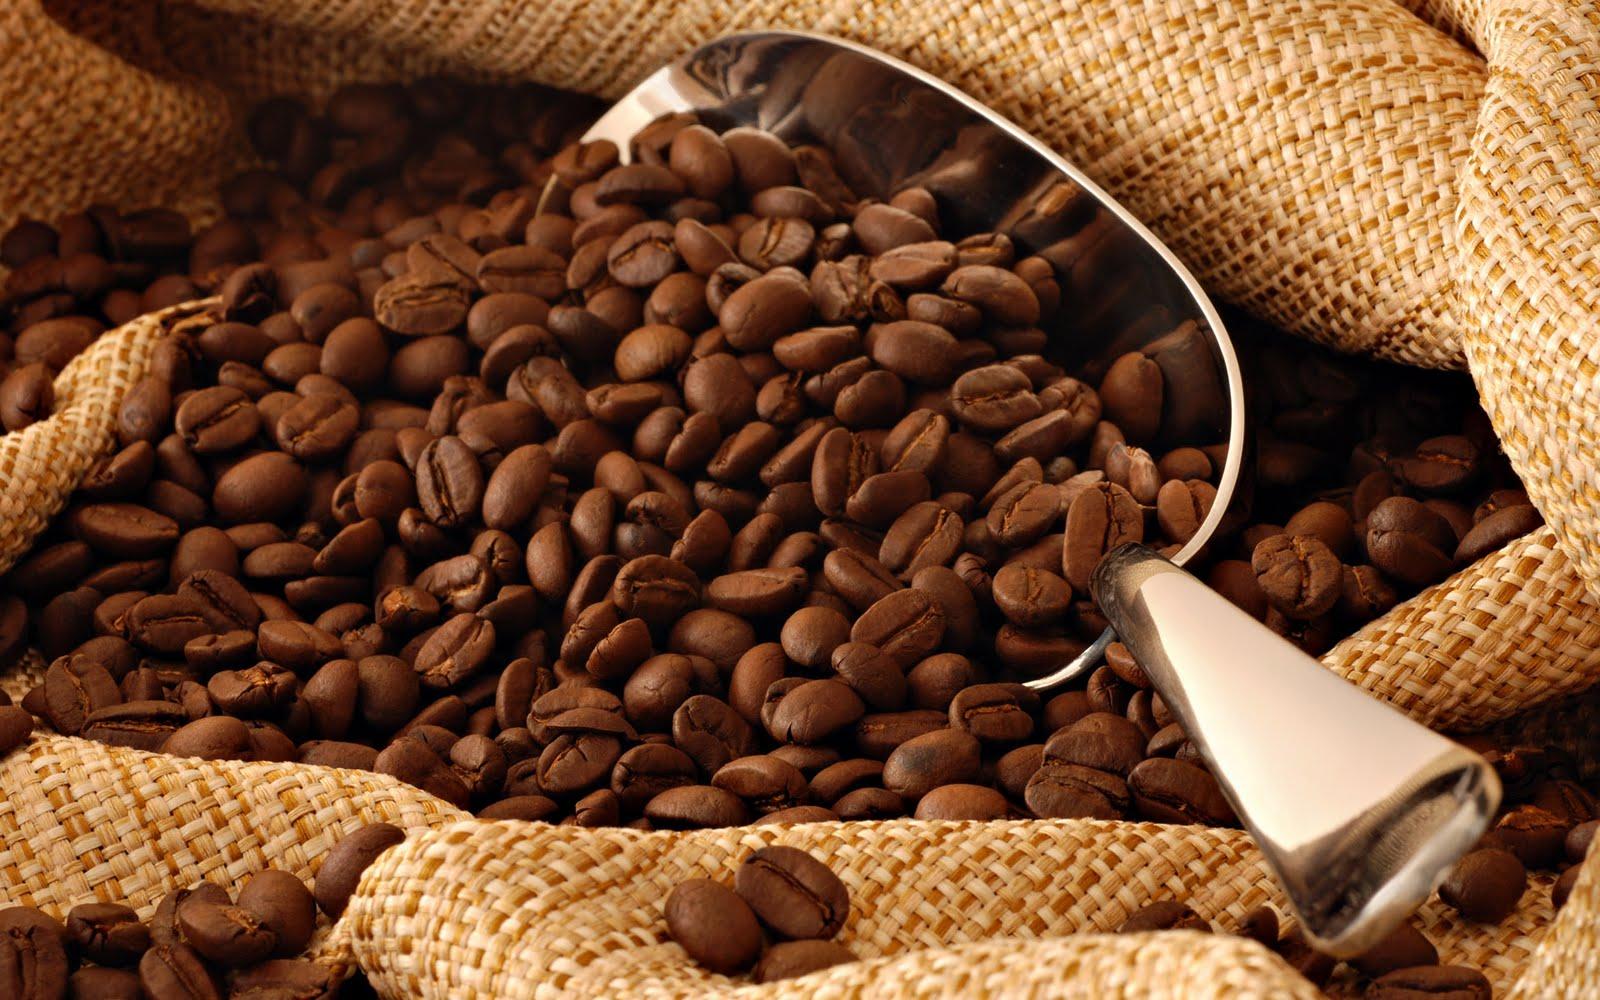 Сбор заказов. Мир наслаждения для гурманов! Элитные сорта кофе, произведенные по авторской технологии, а также большой выбор чая. - 2